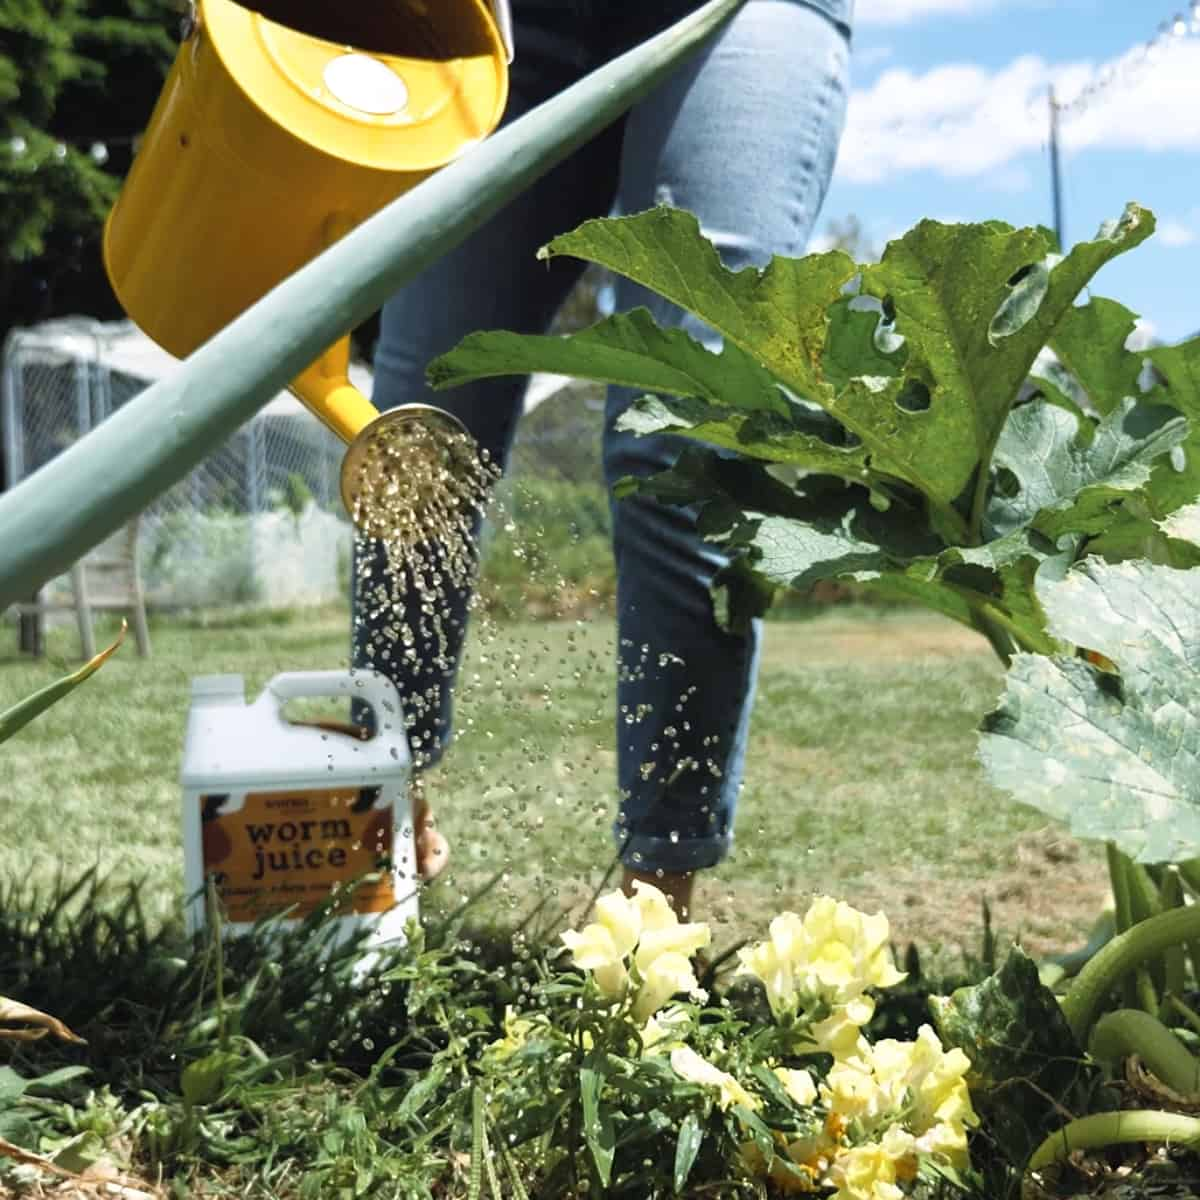 Worm Juice Applying To Garden2